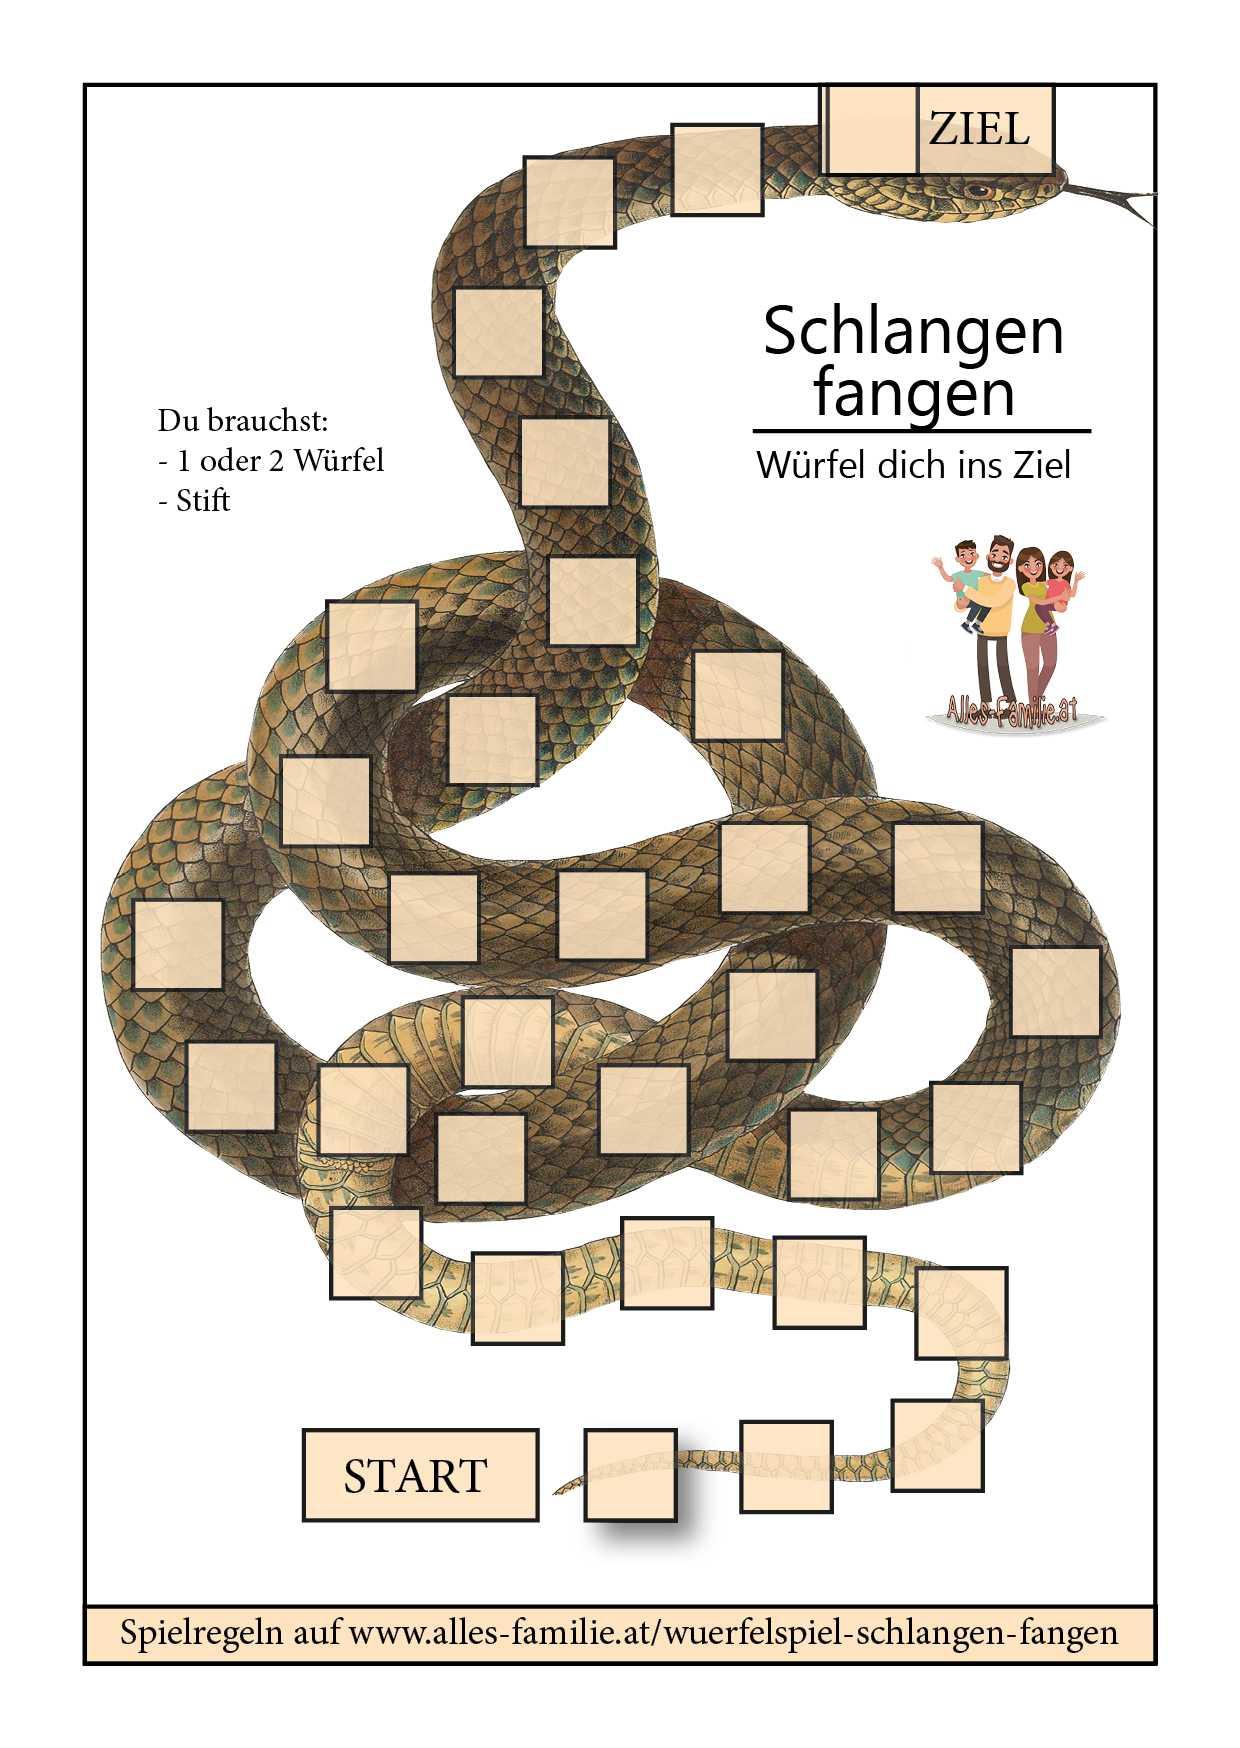 Würfelspiel für Kinder   Schlangen fangen